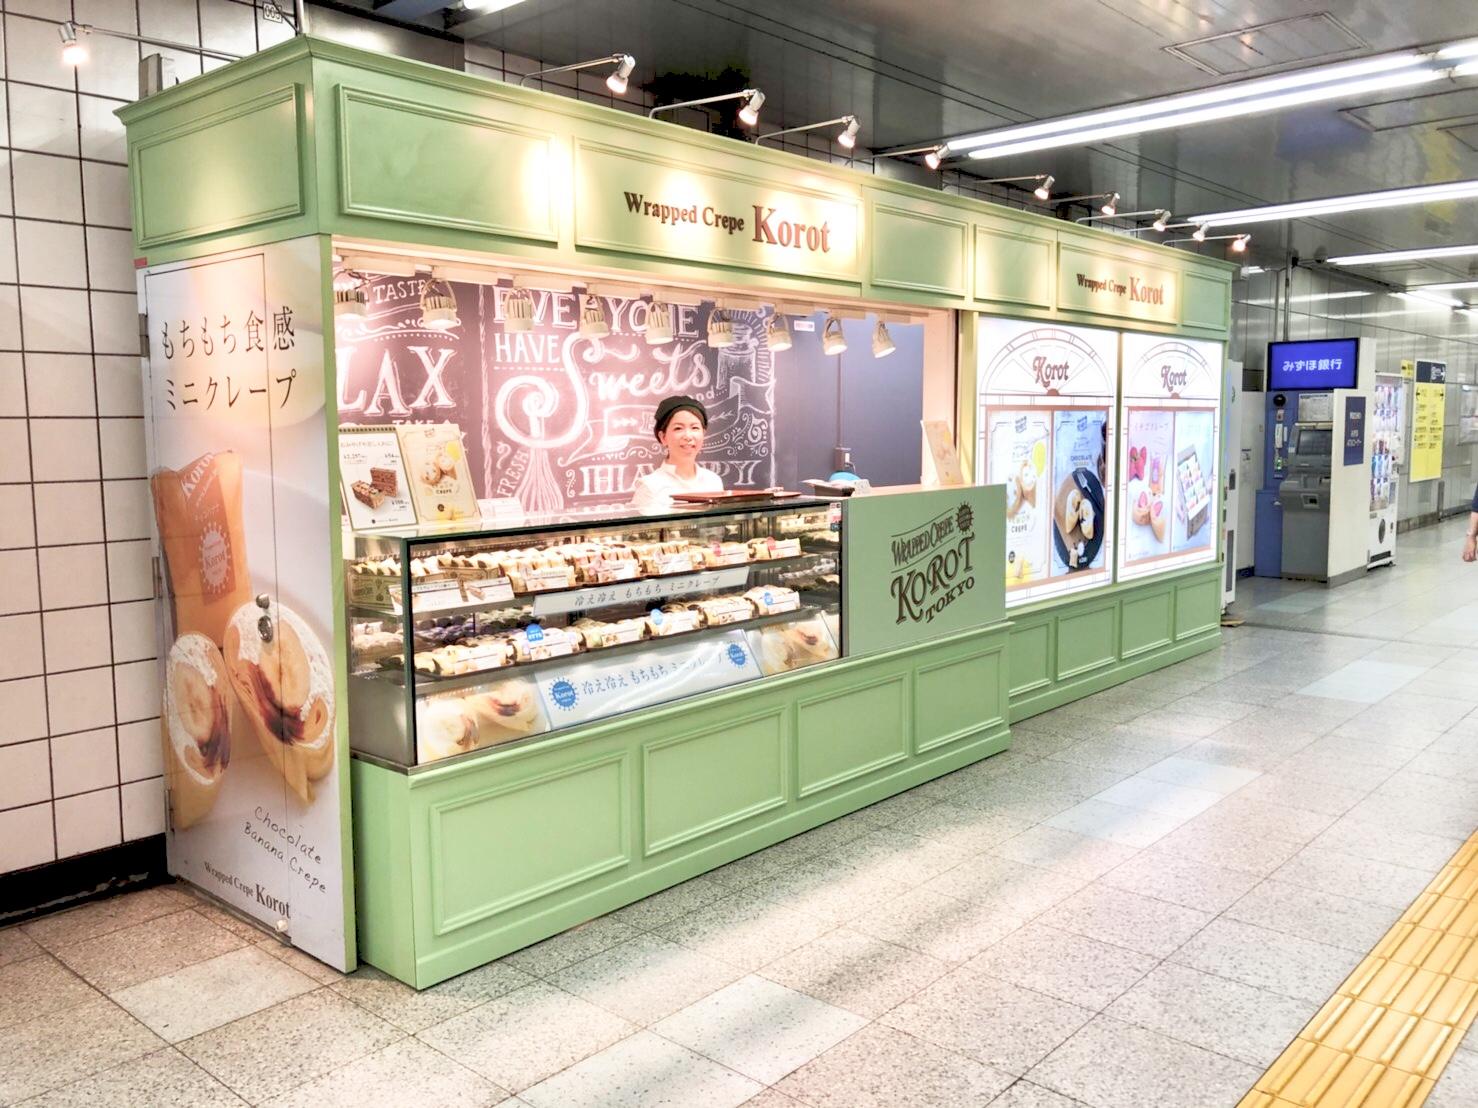 コロット錦糸町メトロ店